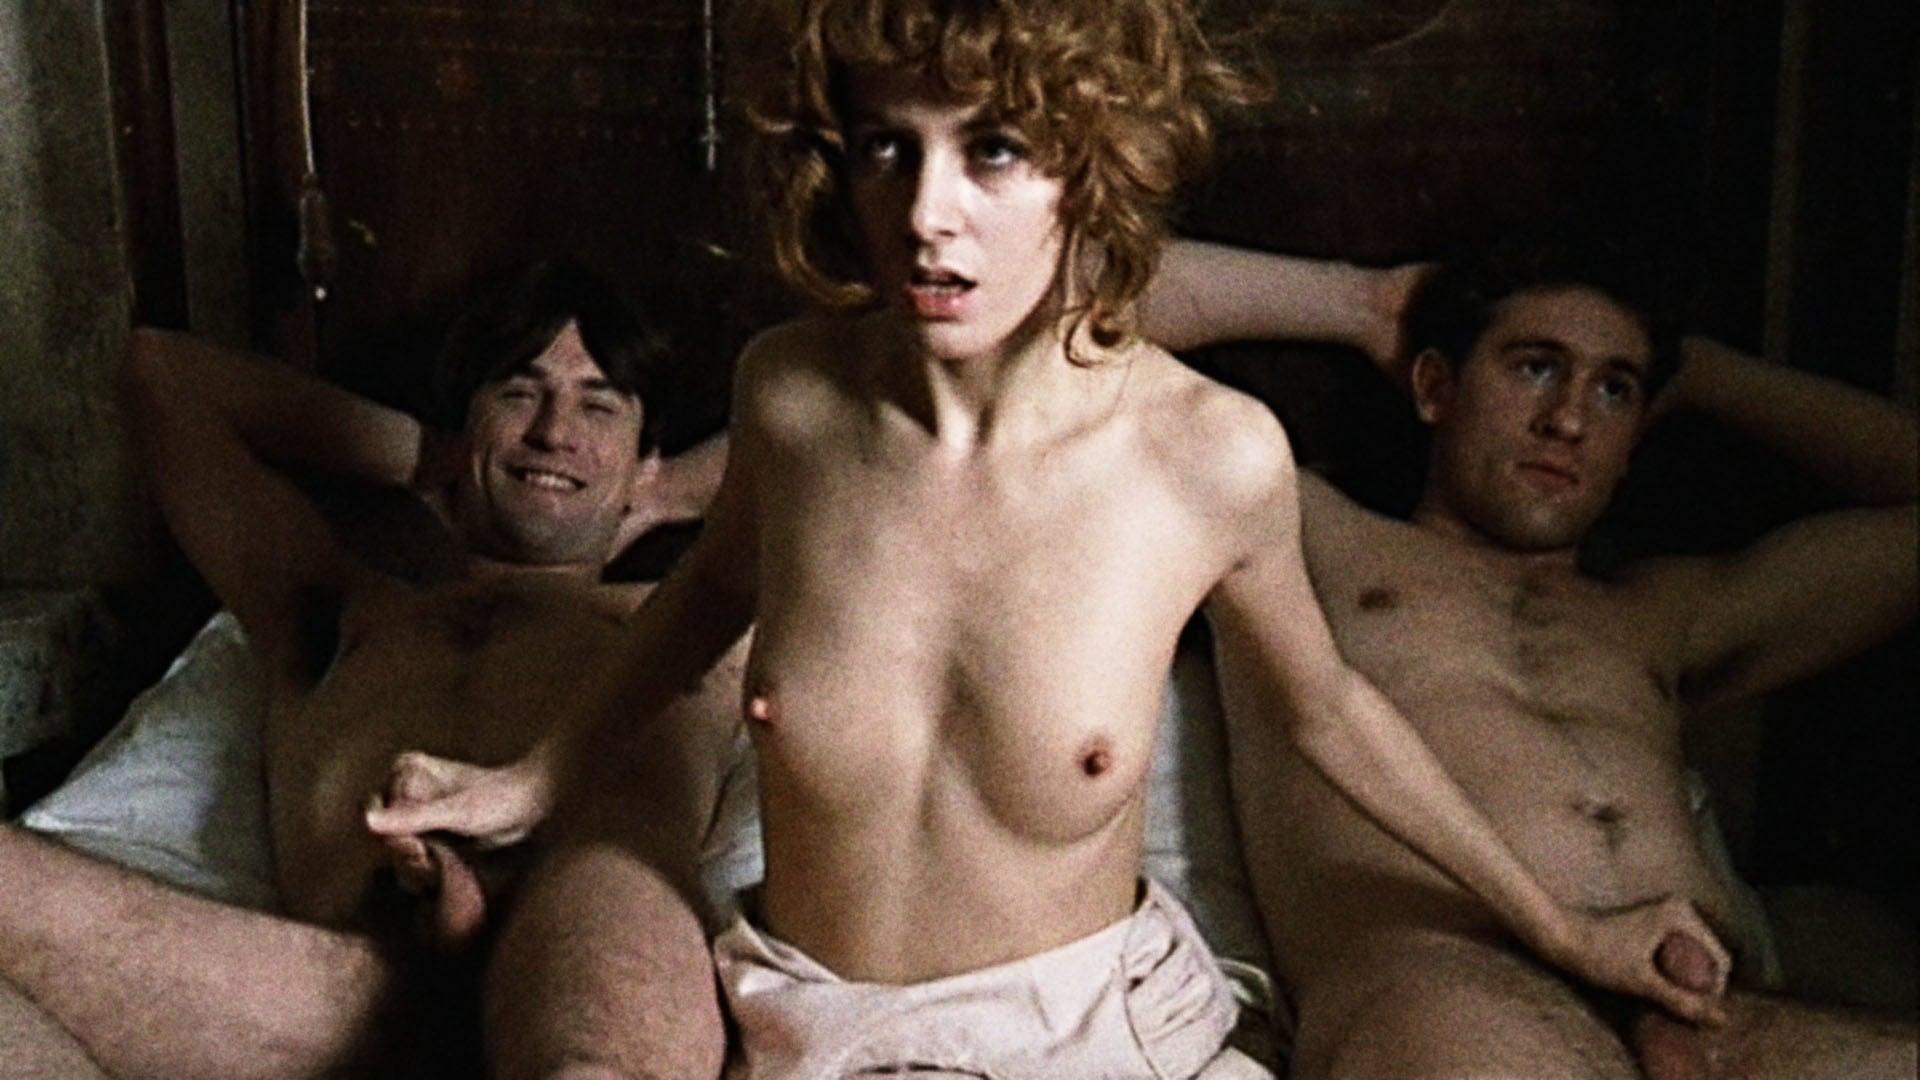 Секс эротика сцены в кино со знаменитостями, женщины на отдыхе ню фото